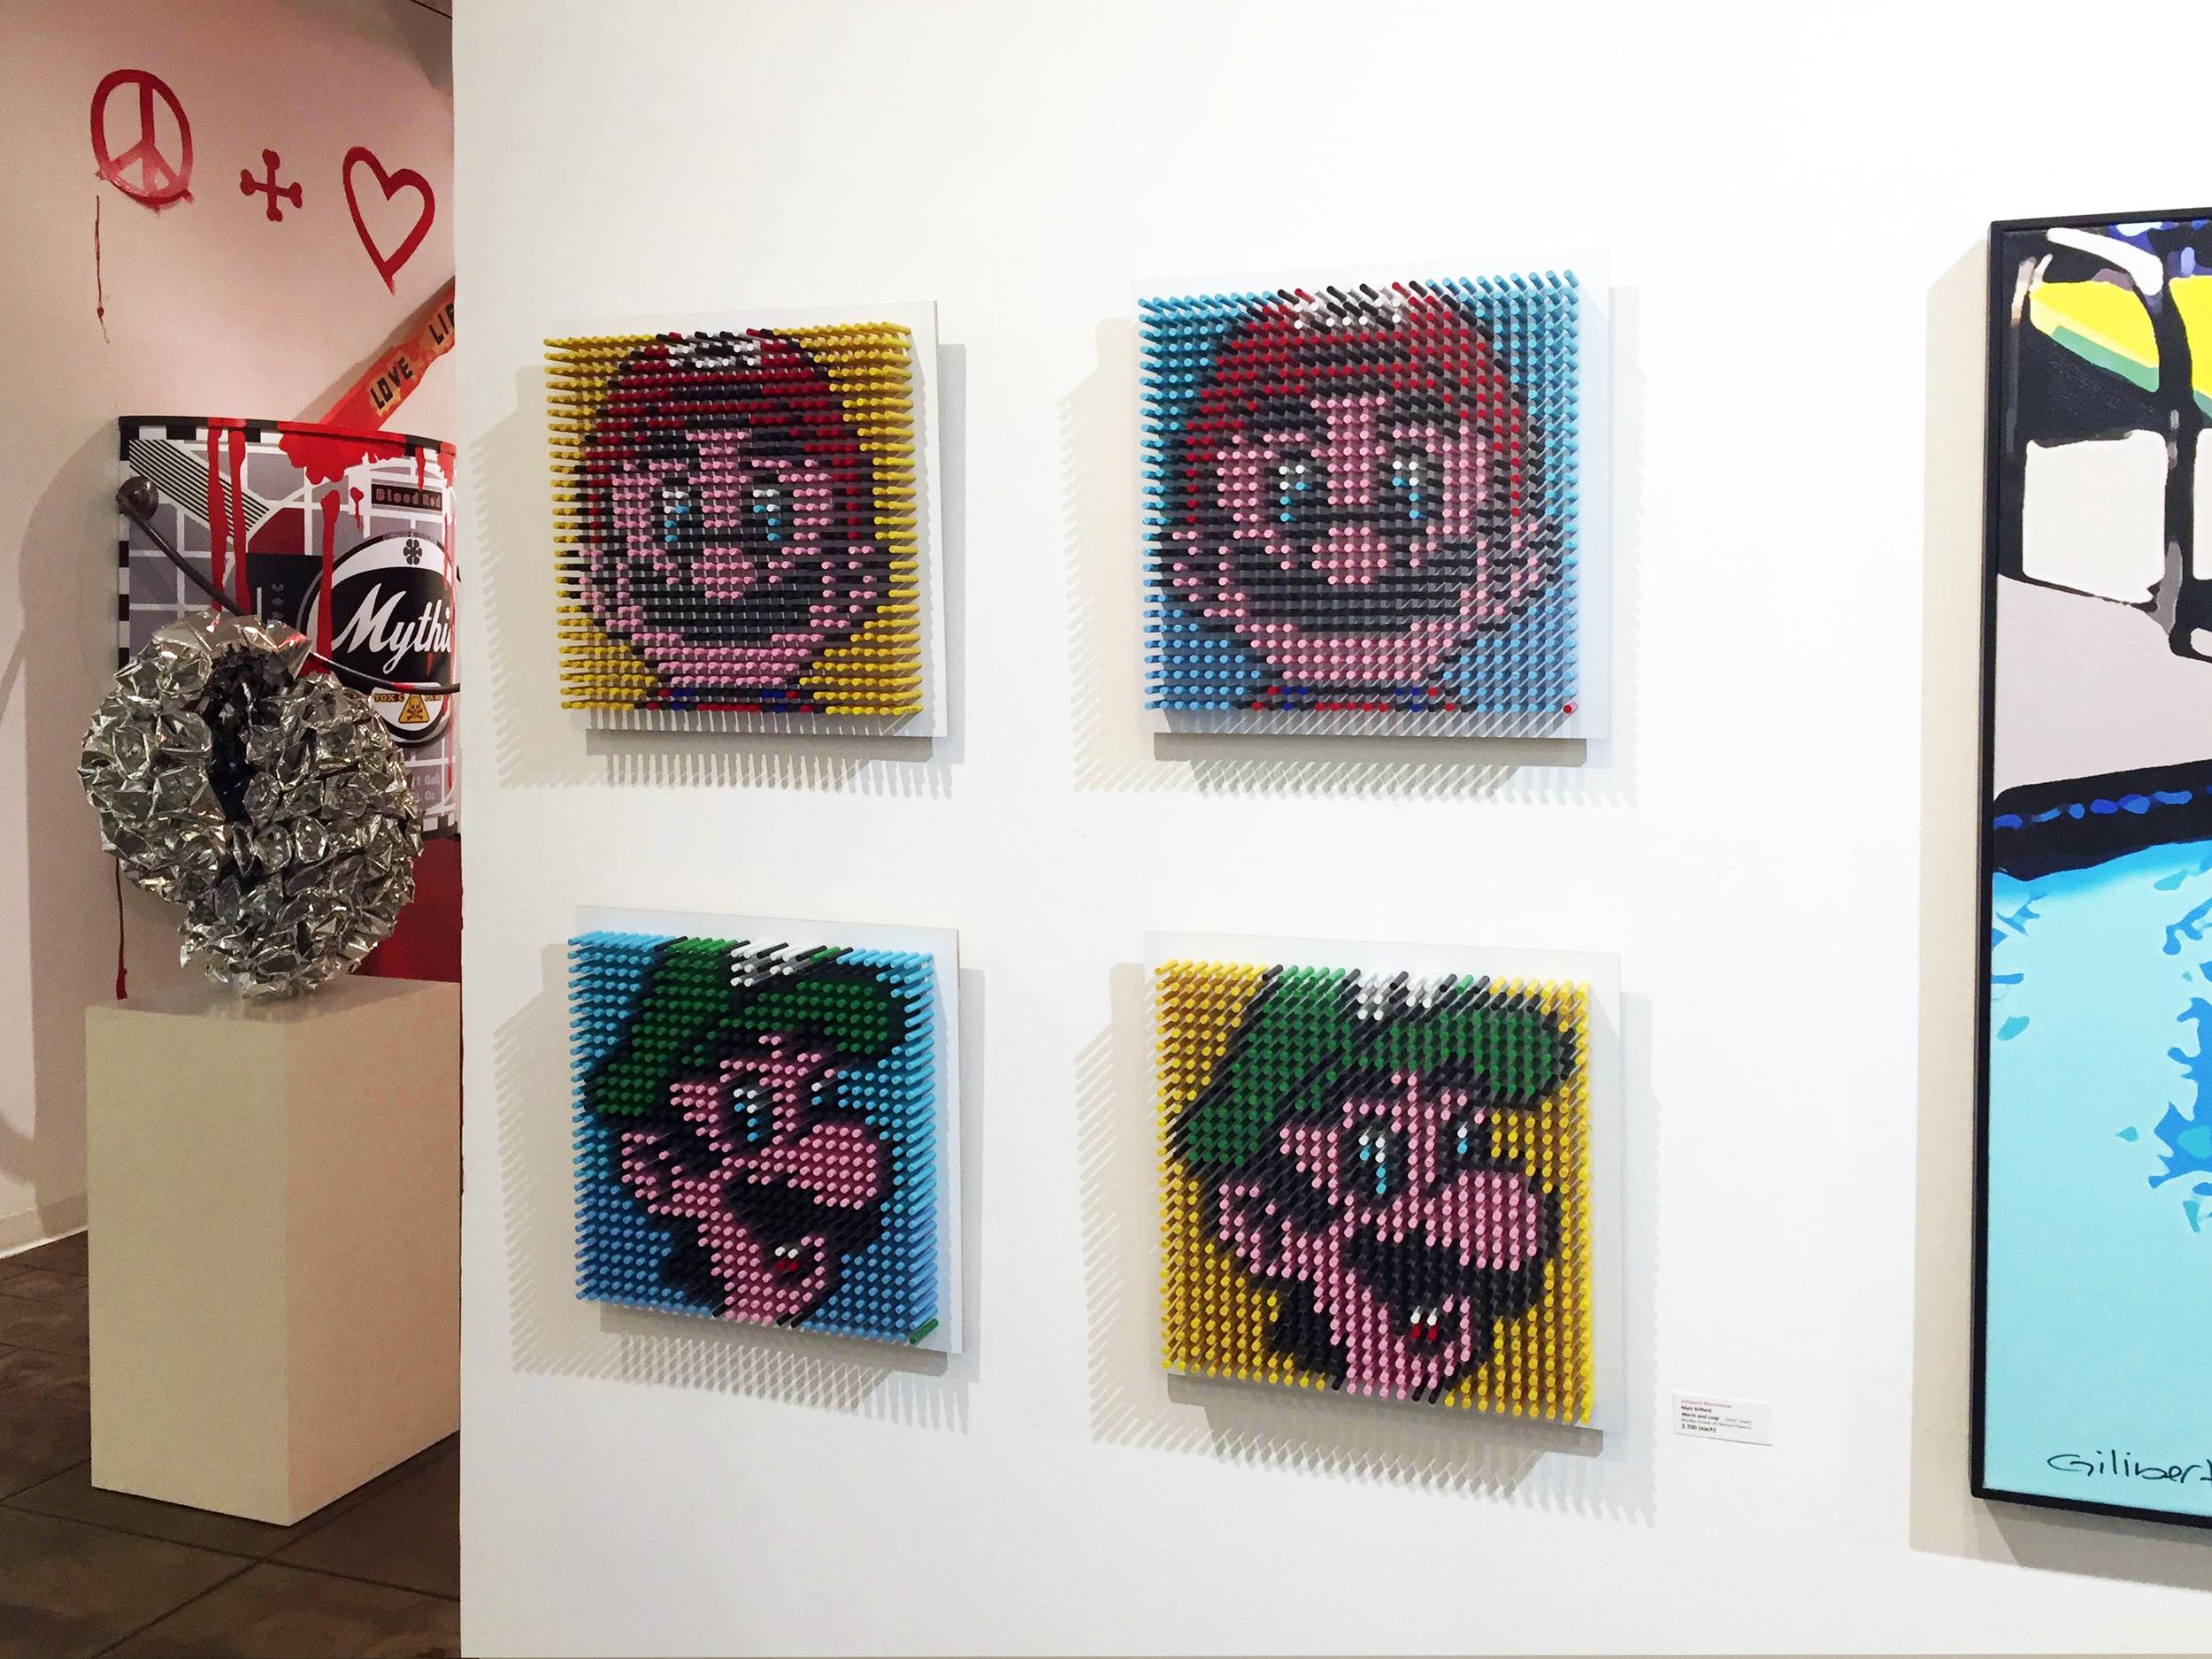 Artspace, Los Angeles, CA